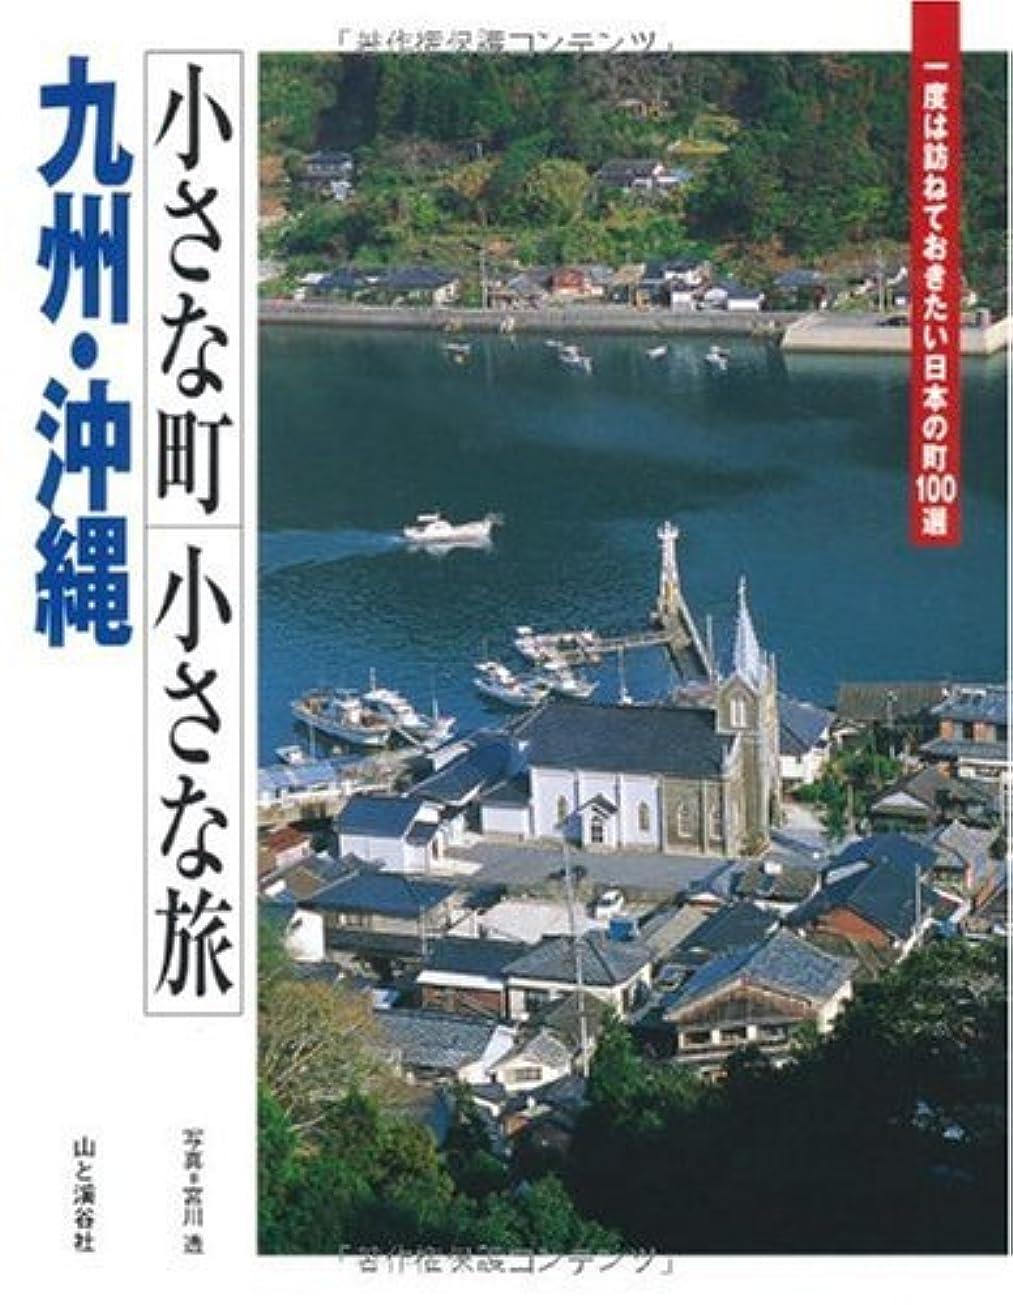 ハントロバ着服小さな町小さな旅 九州?沖縄―一度は訪ねておきたい日本の町100選